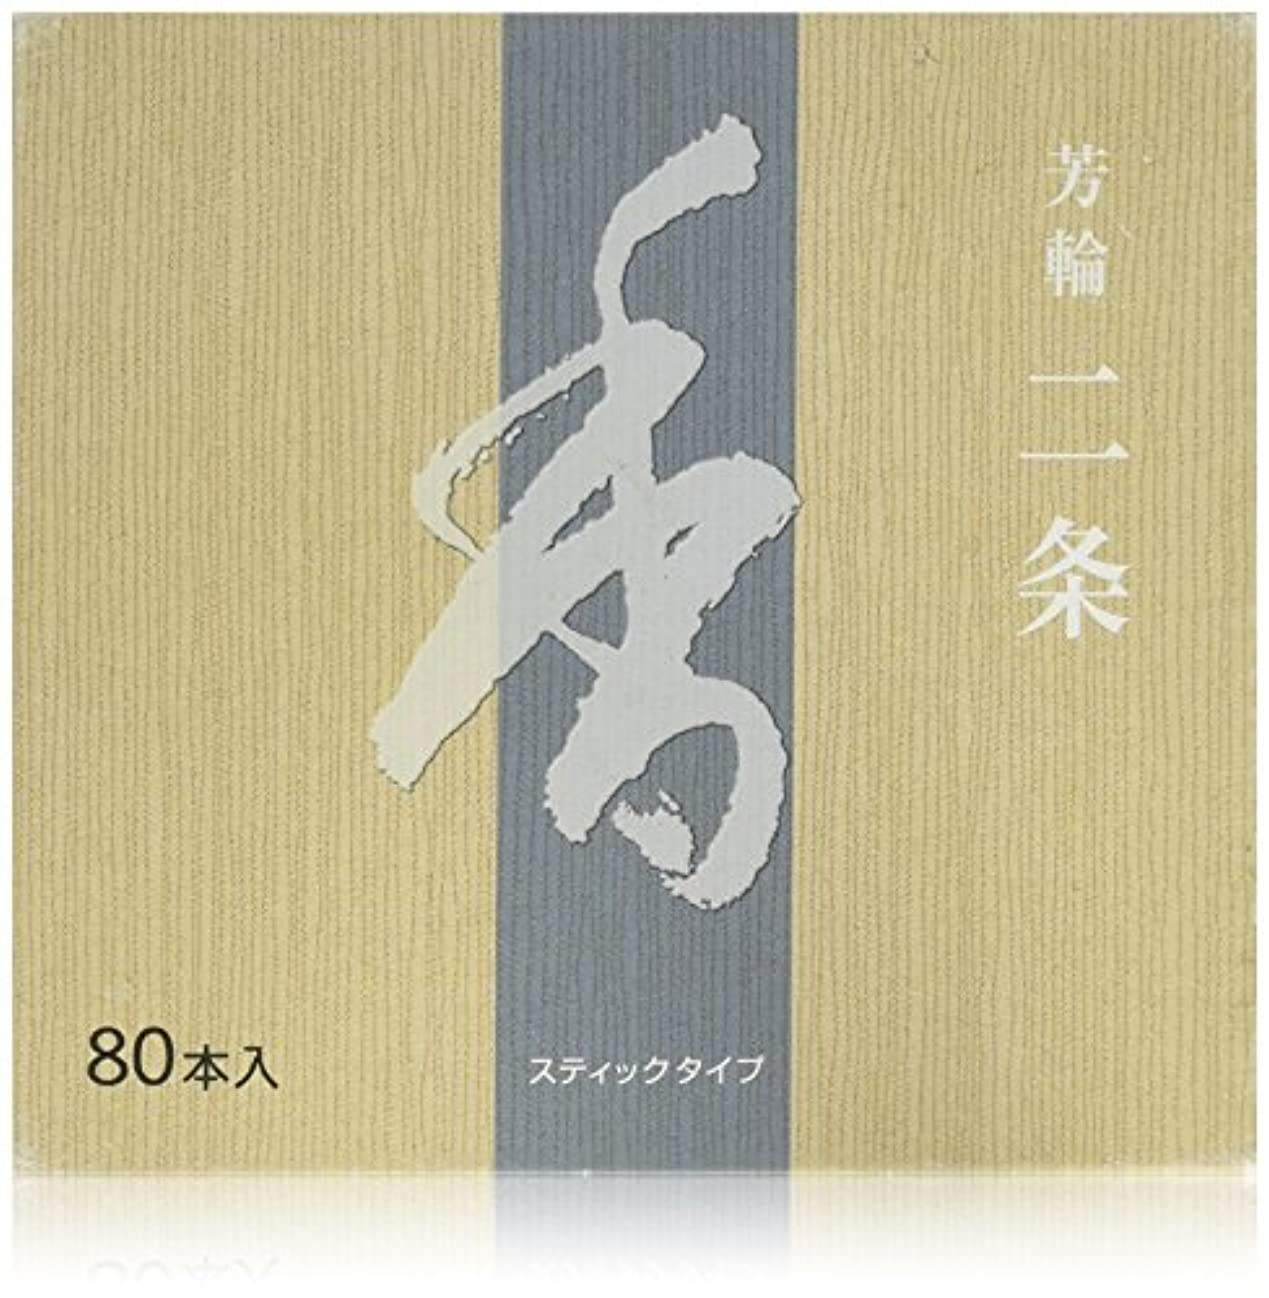 手のひらサイズミント松栄堂のお香 芳輪二条 ST徳用80本入 簡易香立付 #210124